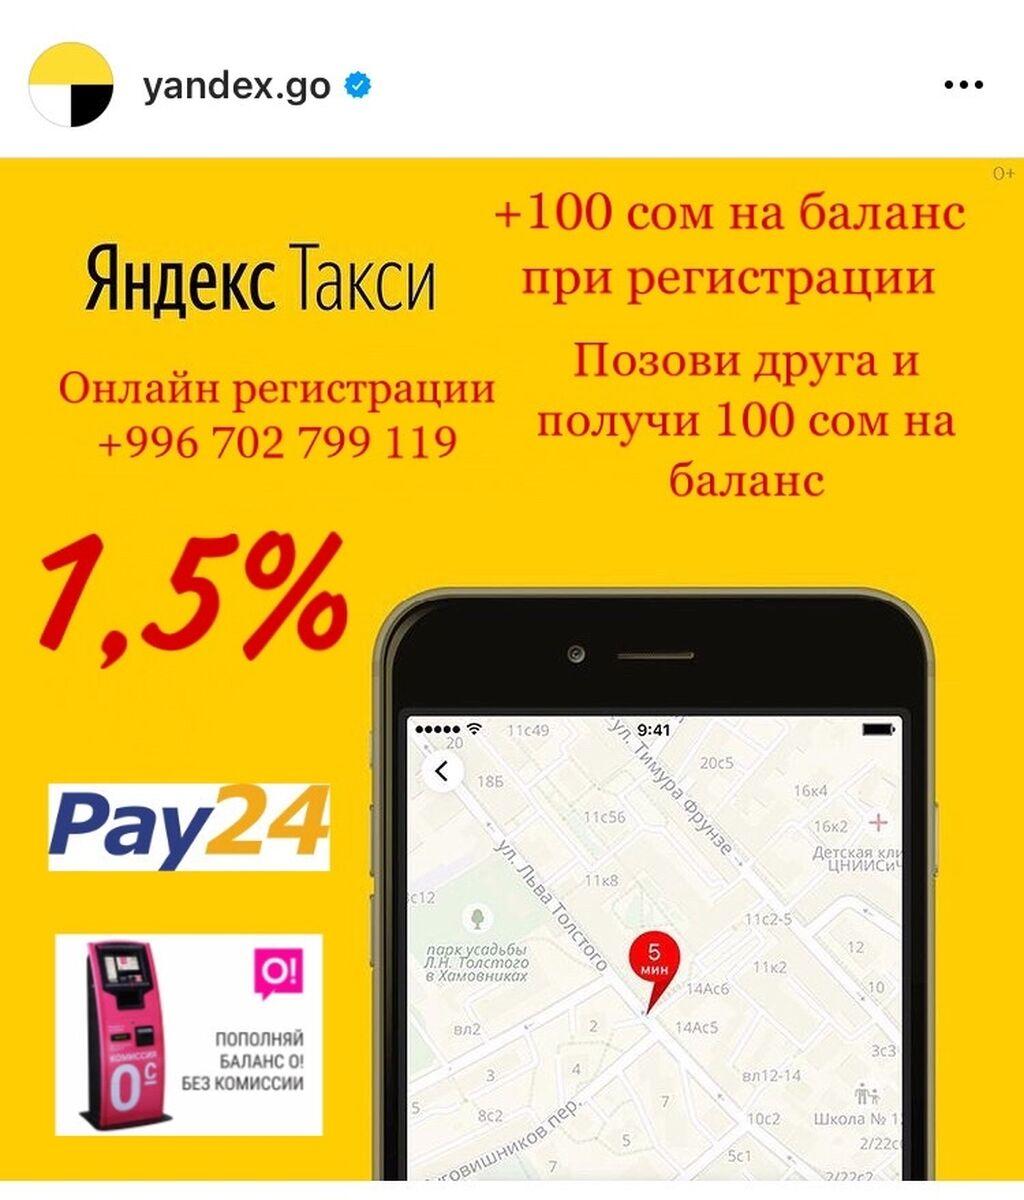 Водитель такси. С личным транспортом. (C). 2 %: Водитель такси. С личным транспортом. (C). 2 %